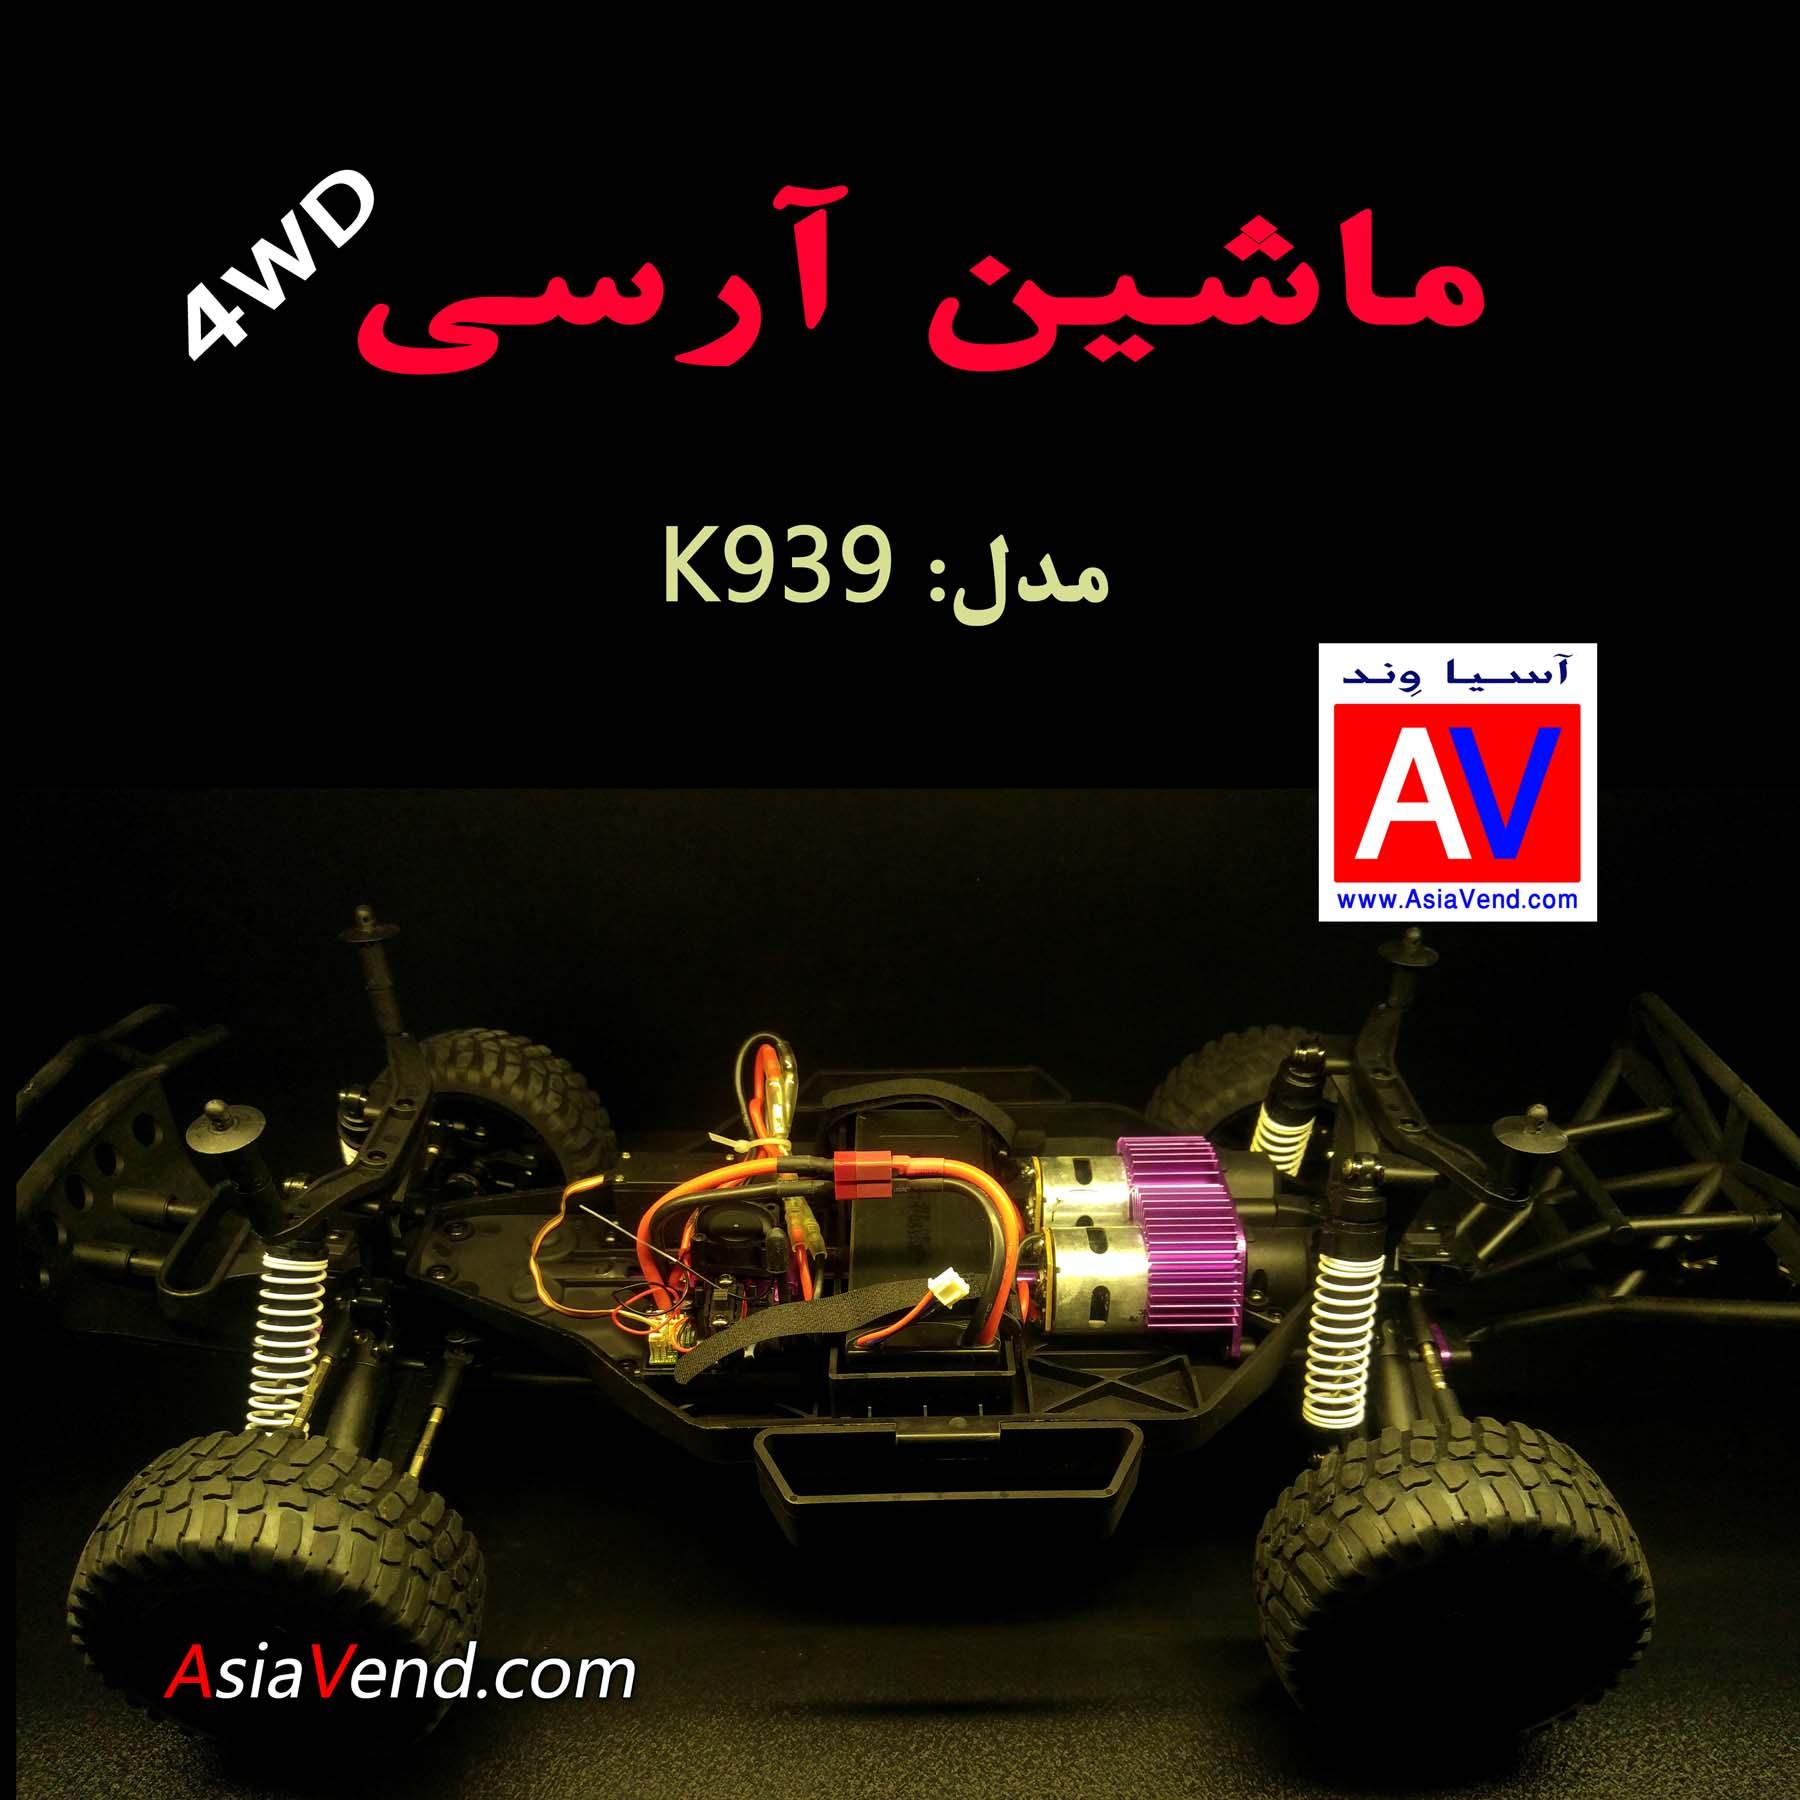 ماشین آرسی K939 ماشین کنترلی آفرود مدل Wltoys K939